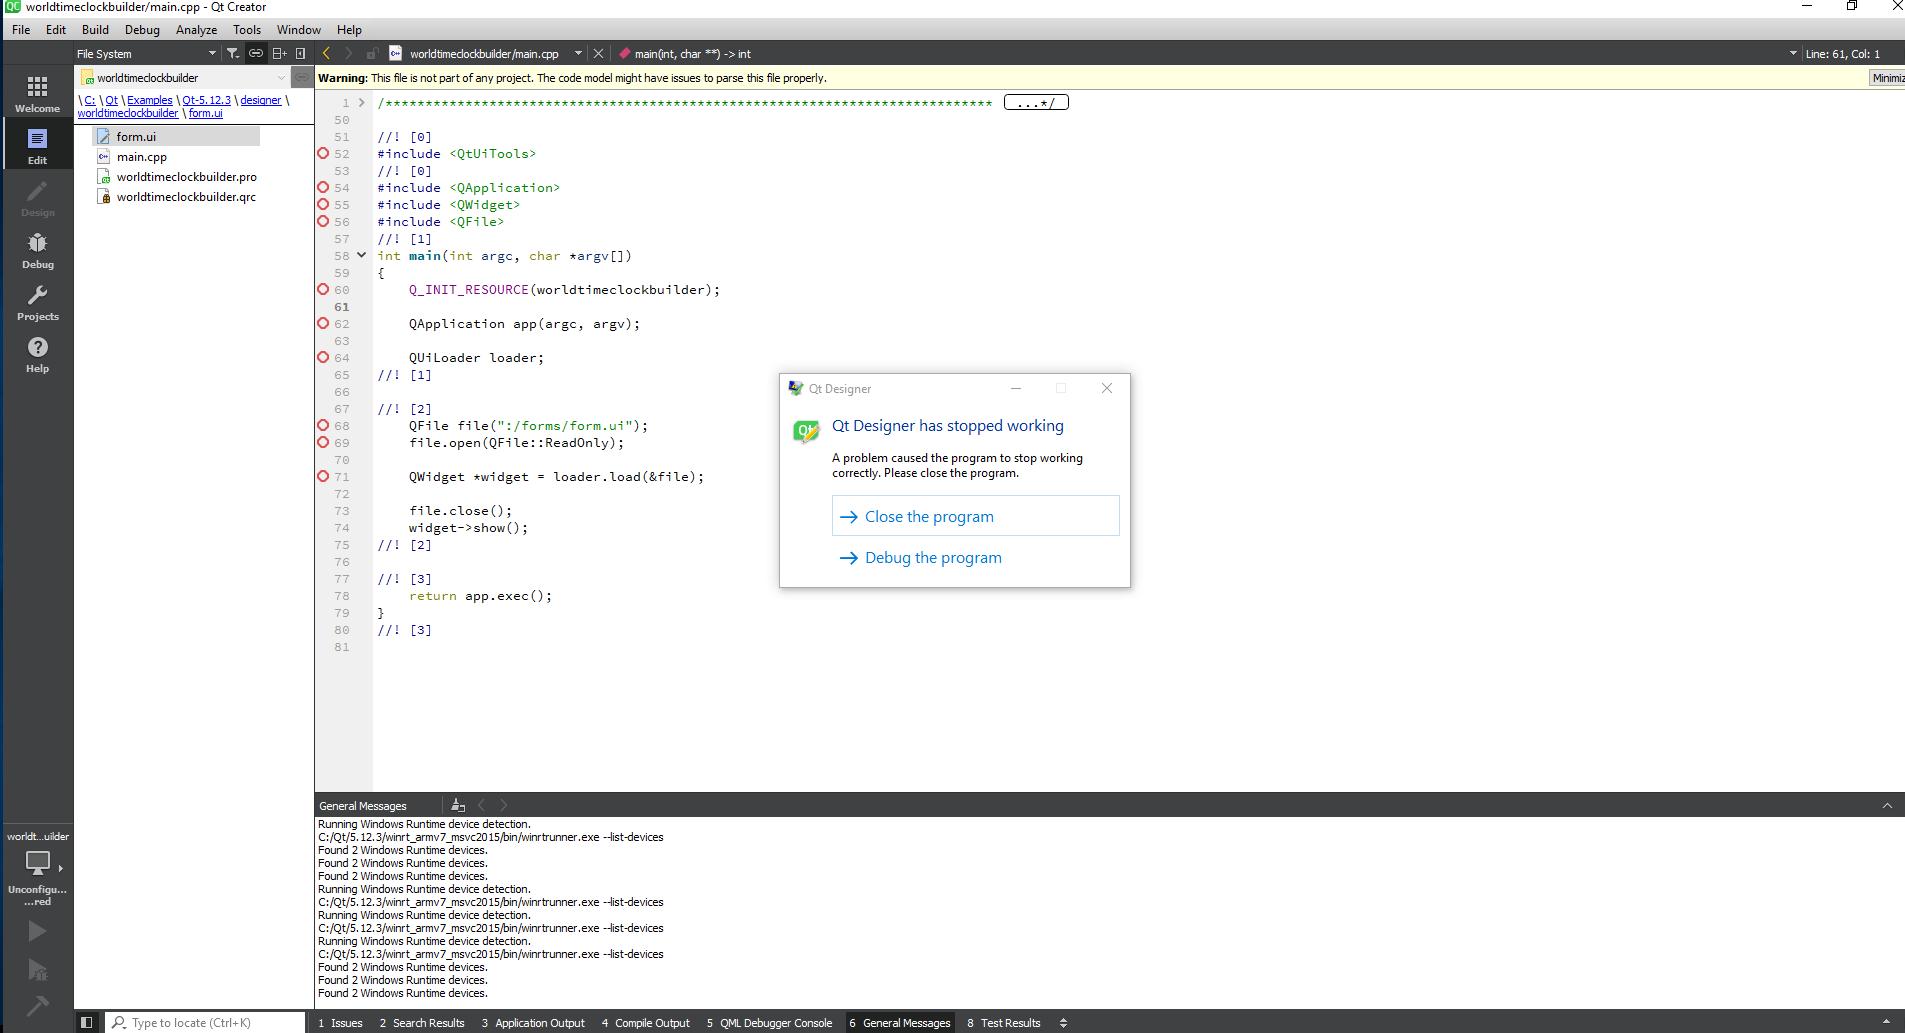 0_1560439785731_Qt Designer Error.png